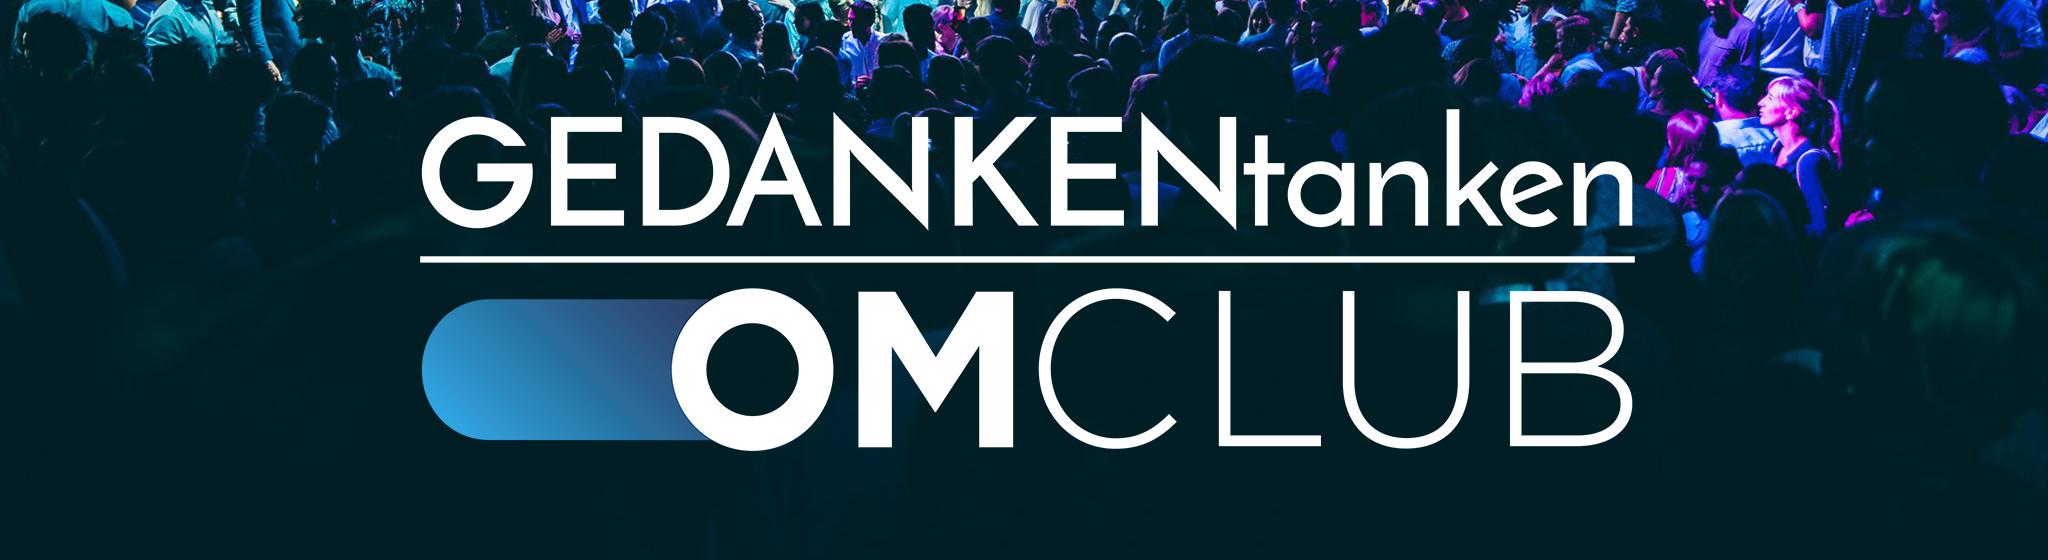 Presenting GEDANKENtanken OMClub 2019!